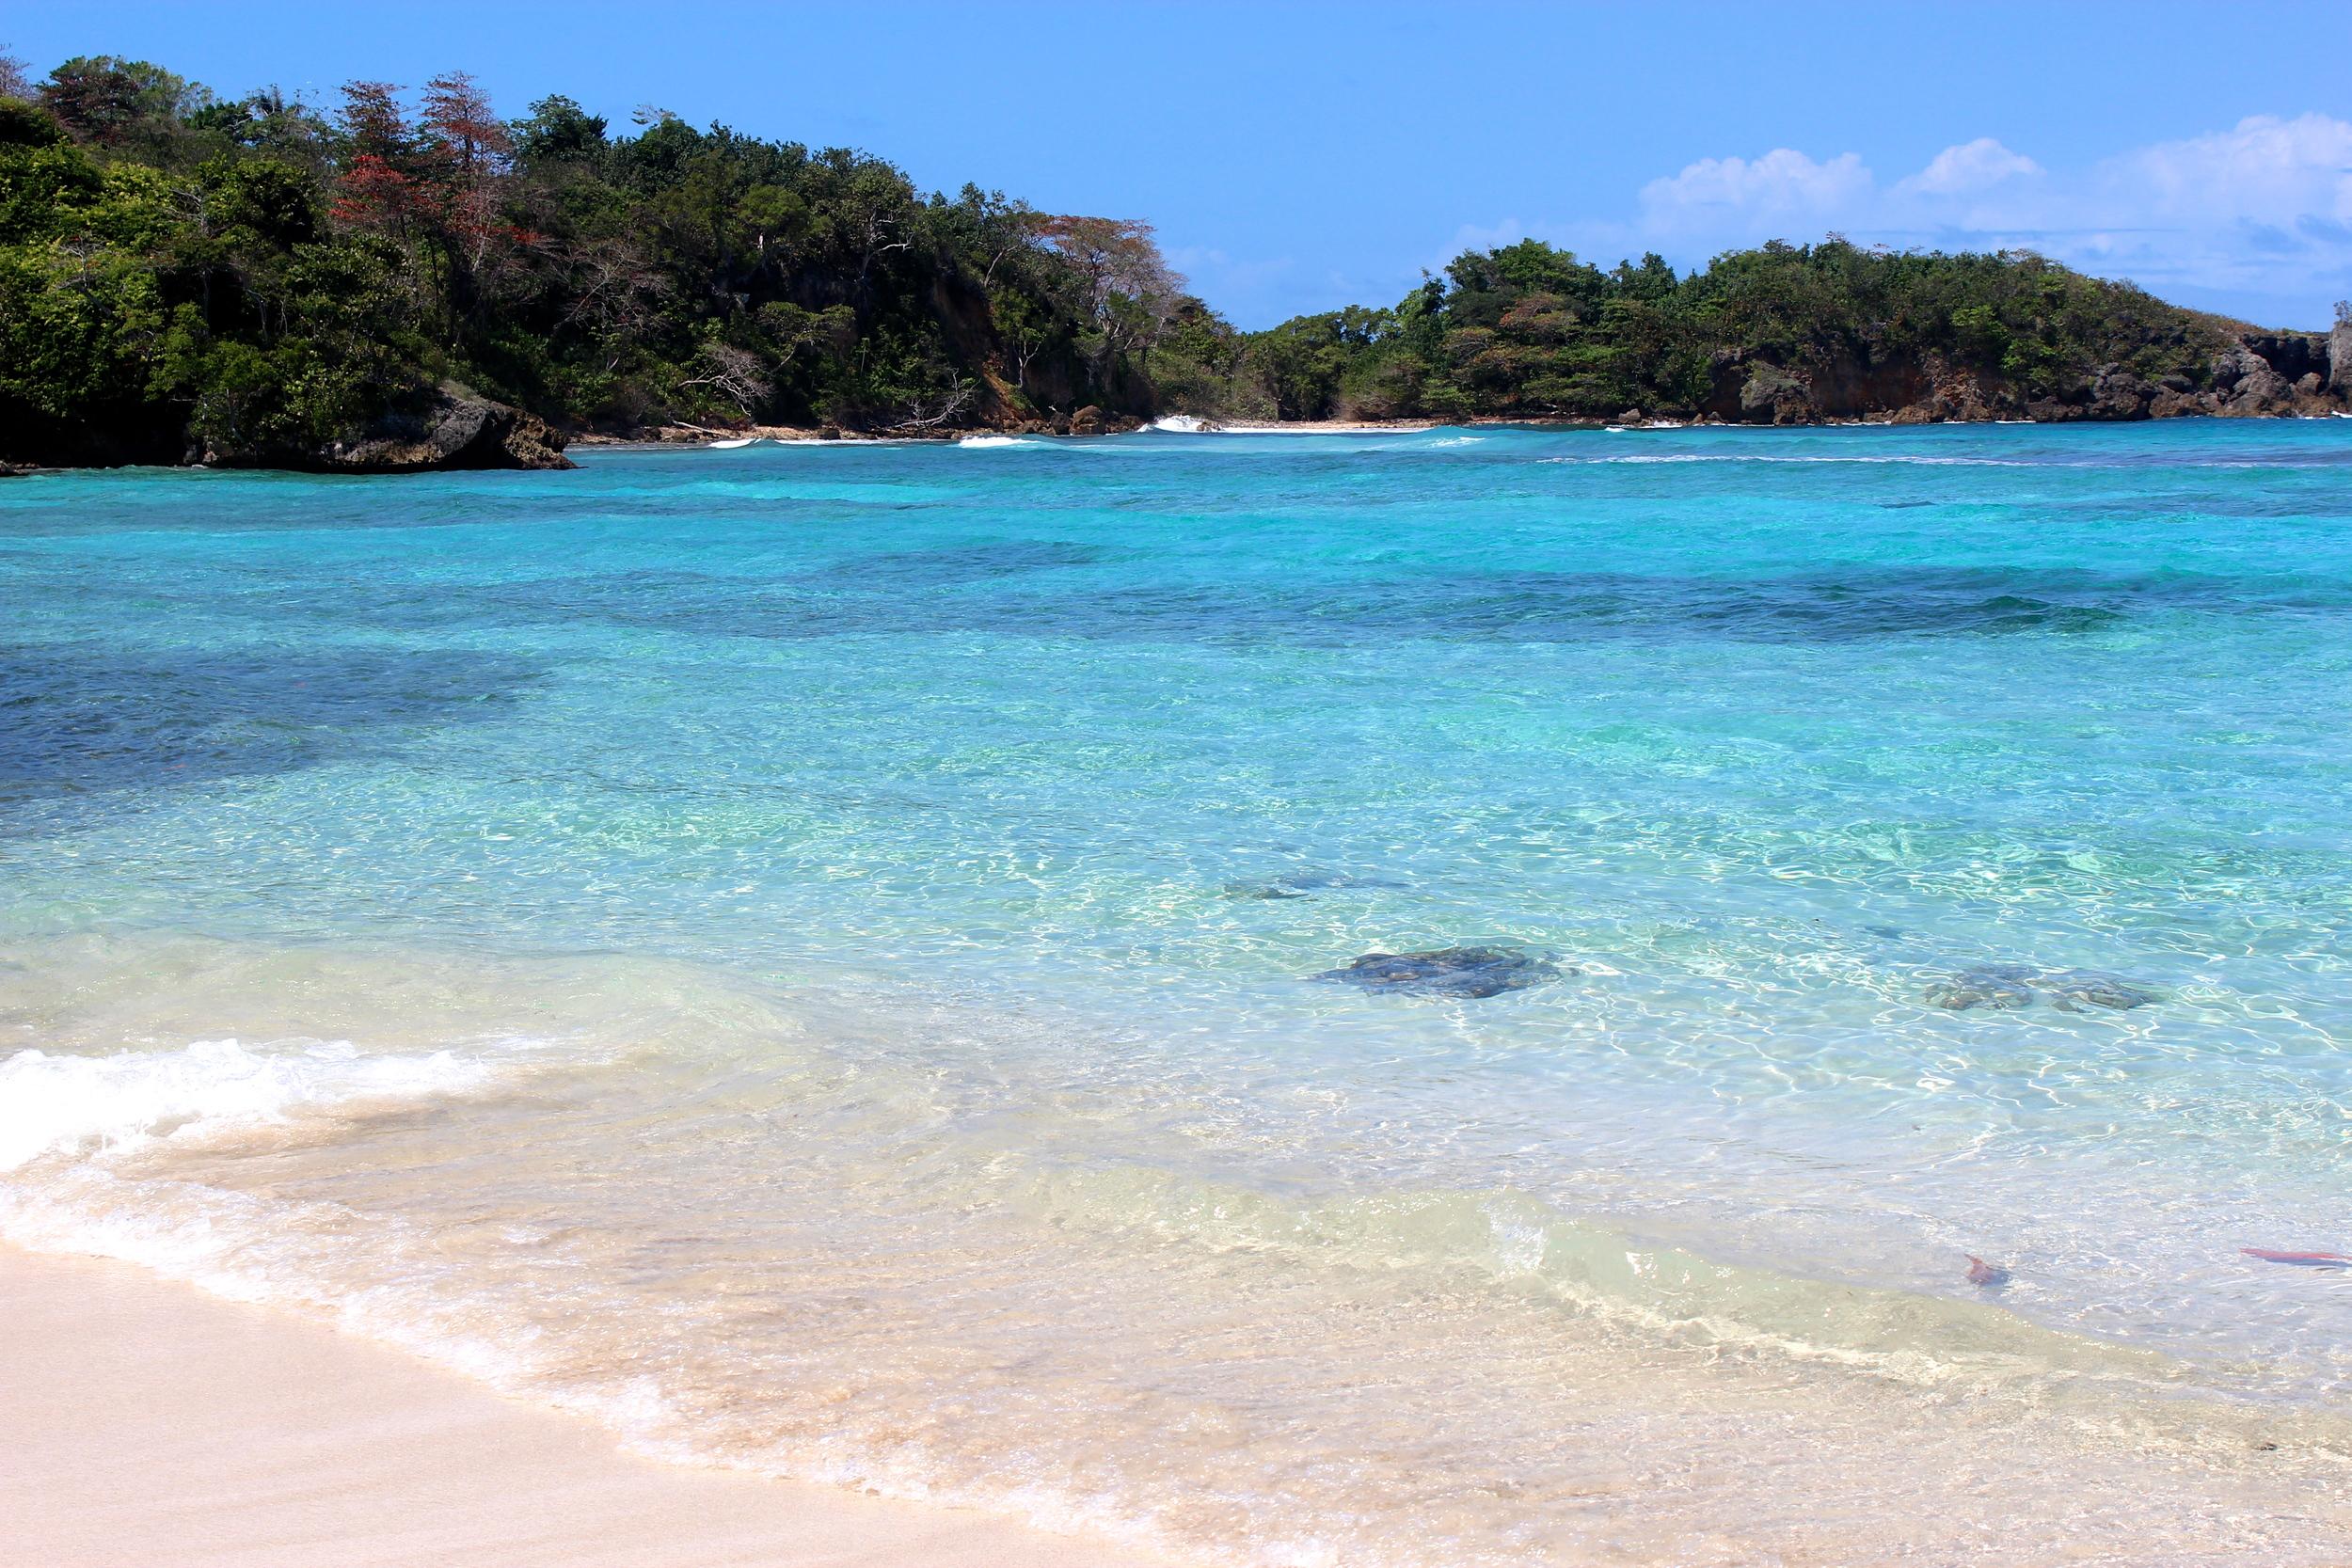 winnifred shore